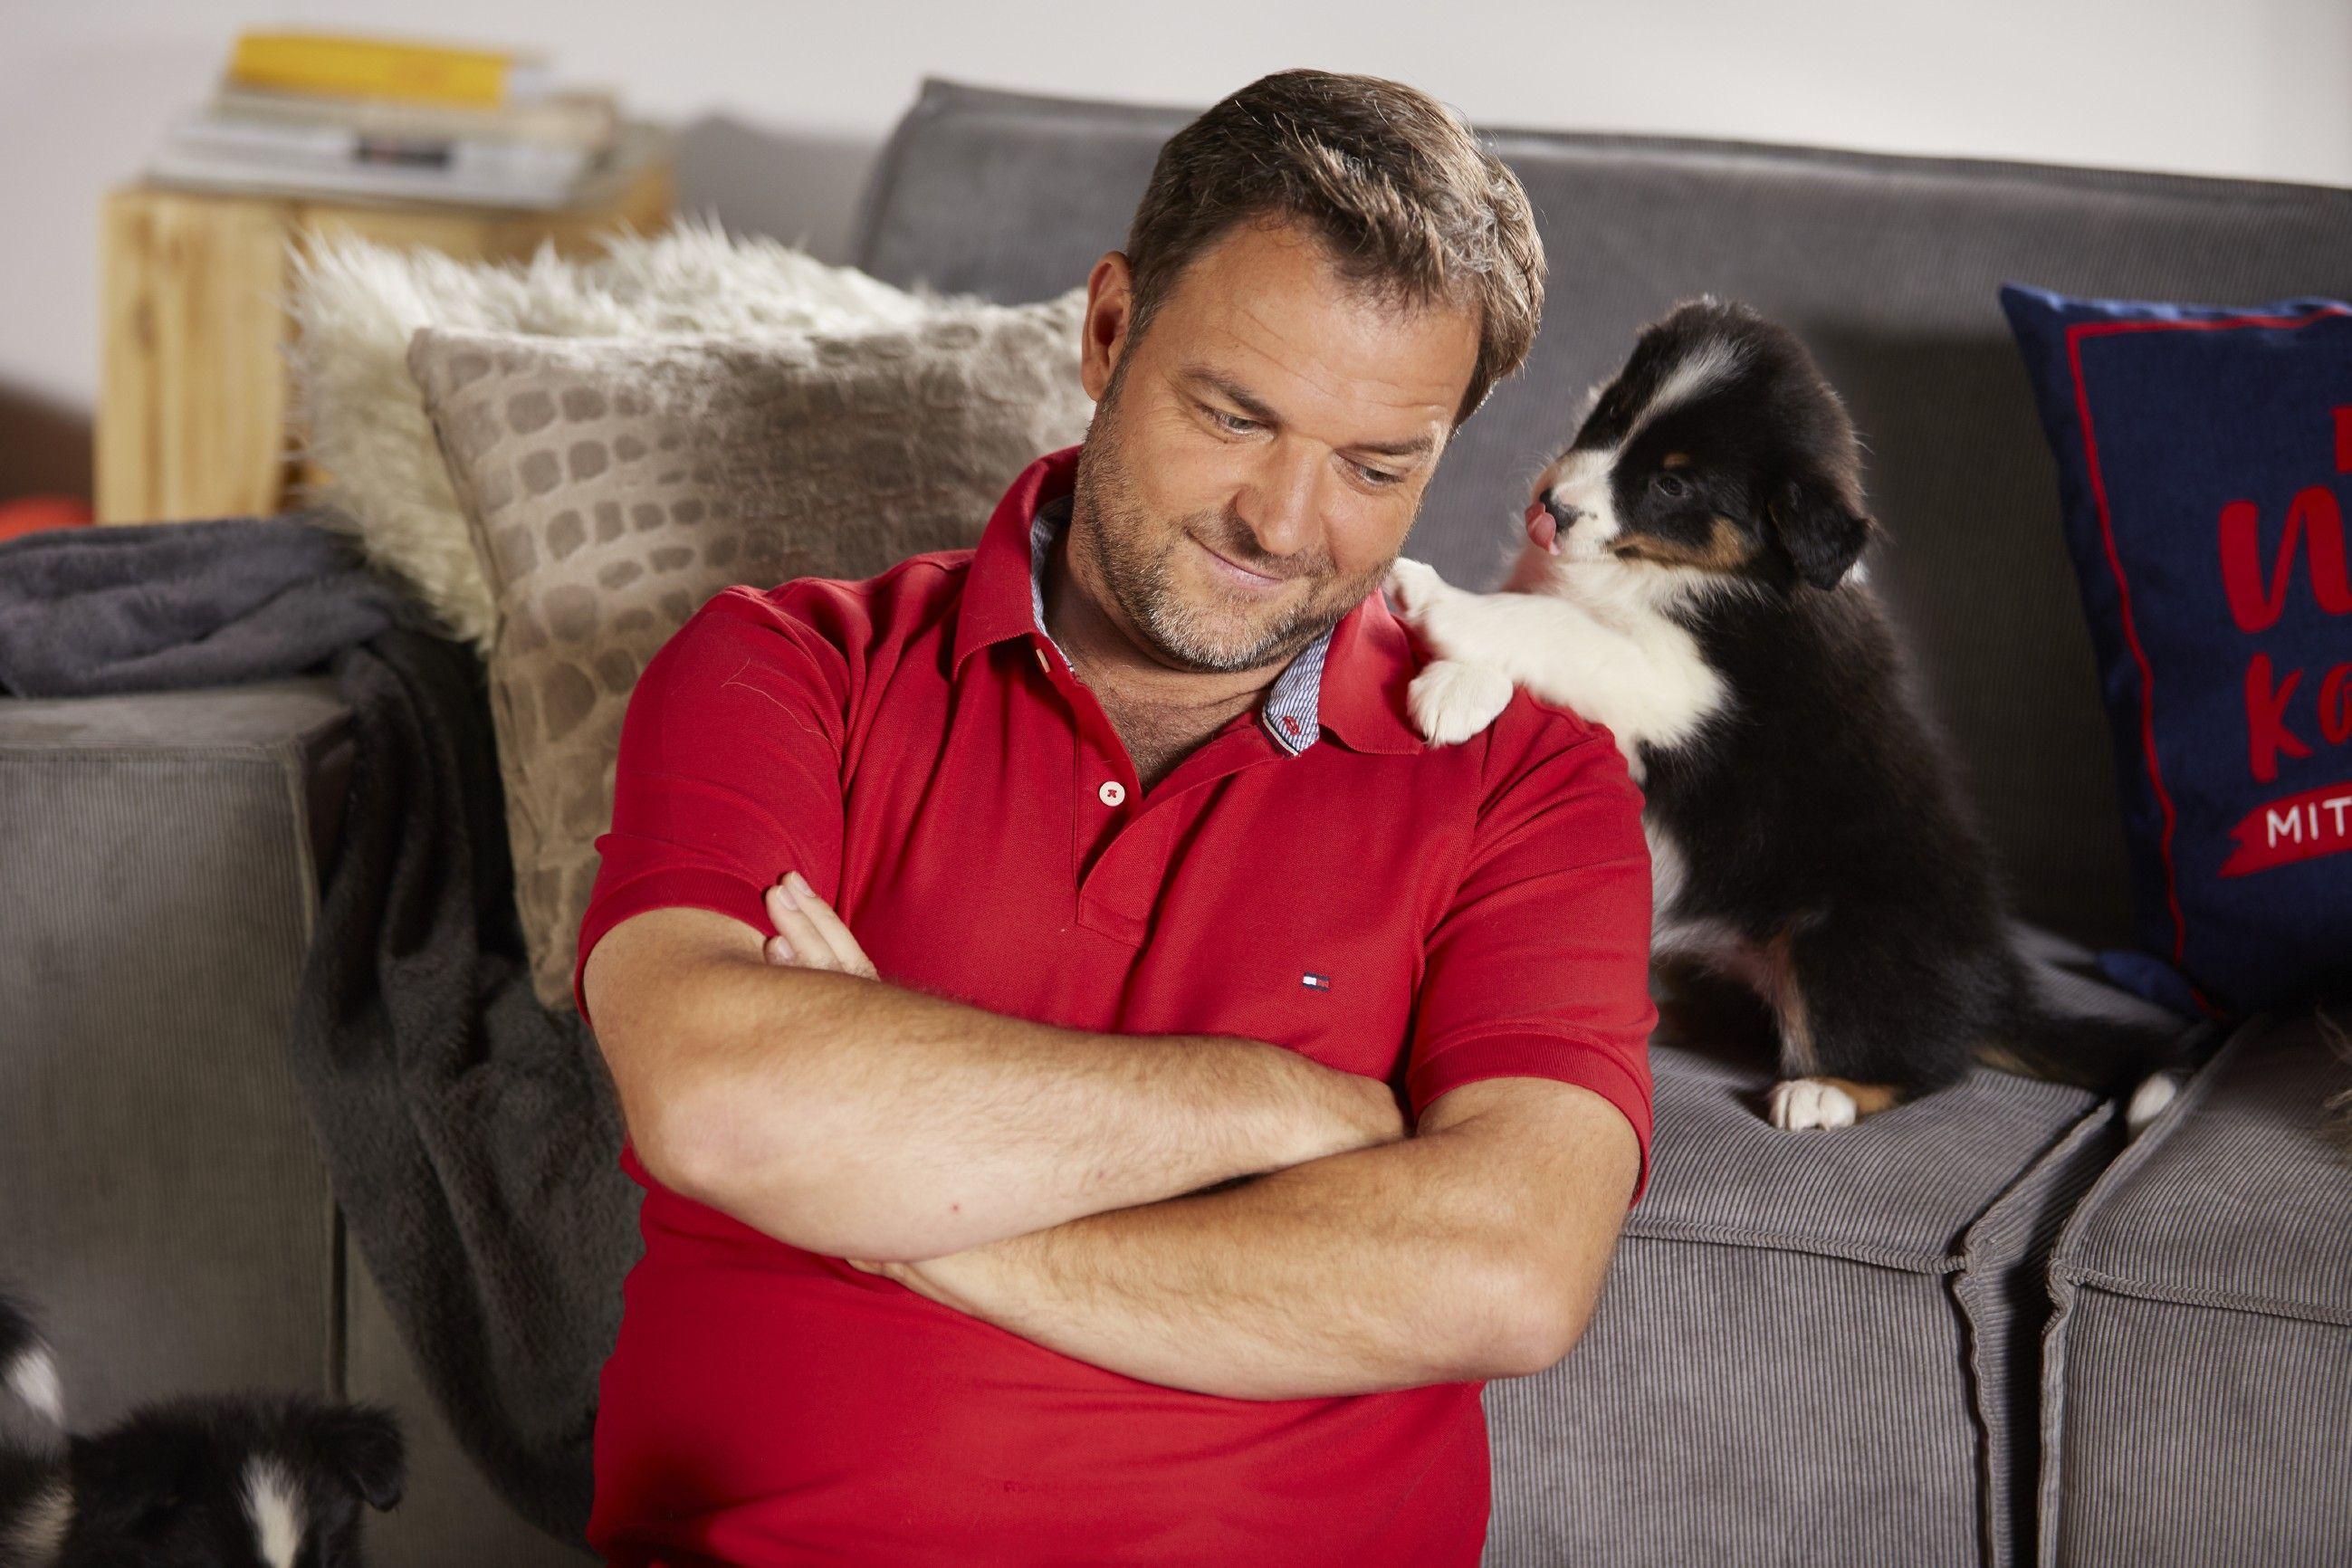 Martin Rutter Das Vermogen Des Deutschen Hundetrainers 2020 Hundetrainer Rutter Martin Hunde